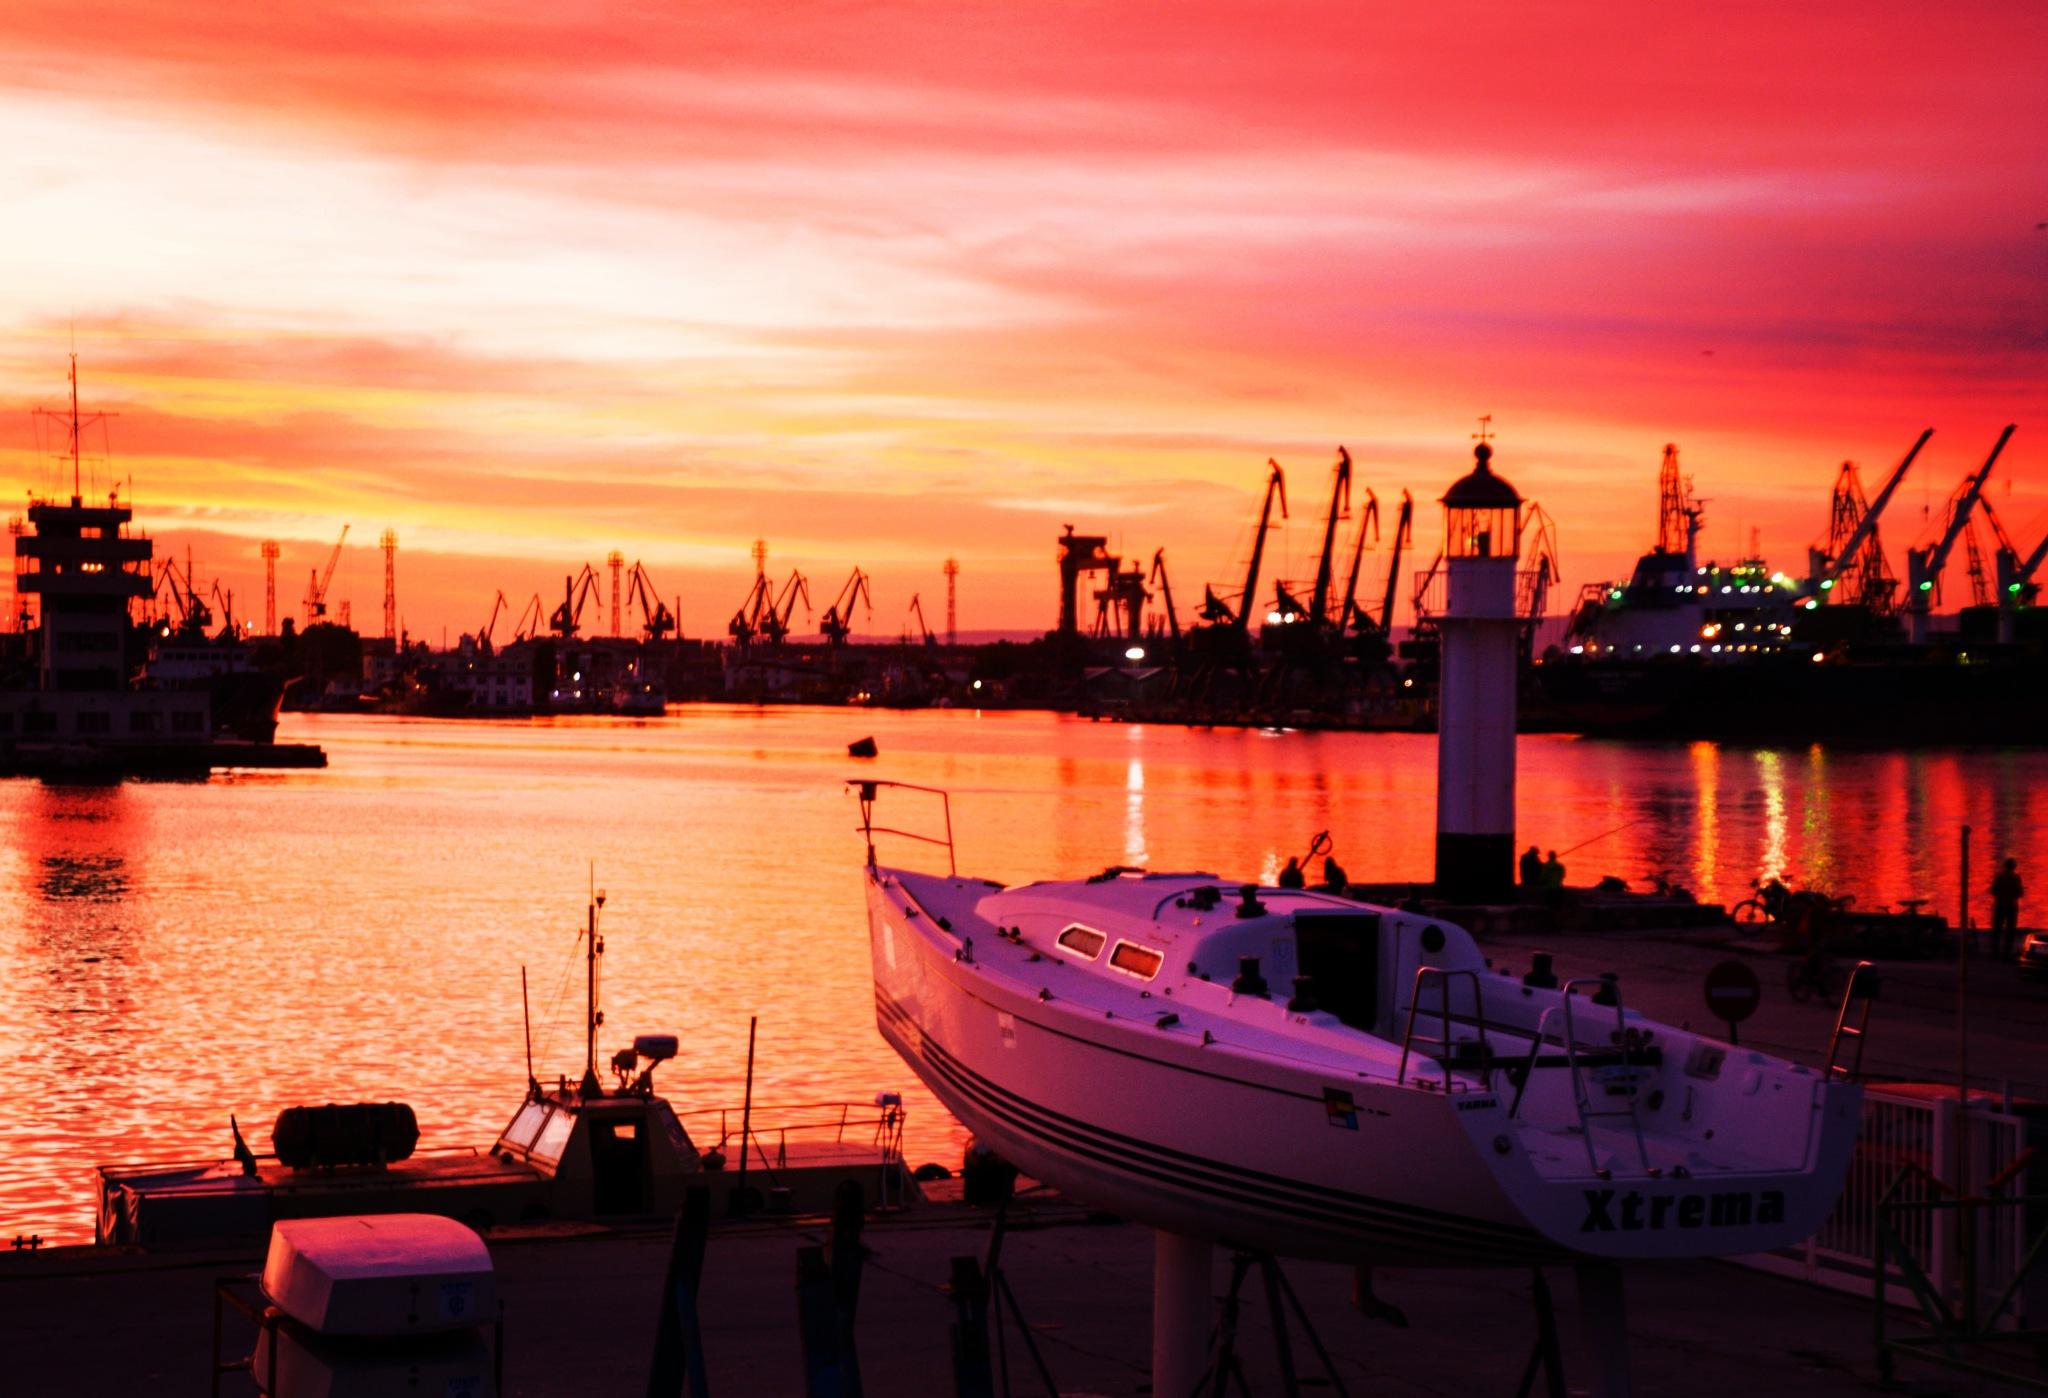 October sunset 2 by Deni Pavlova Photography